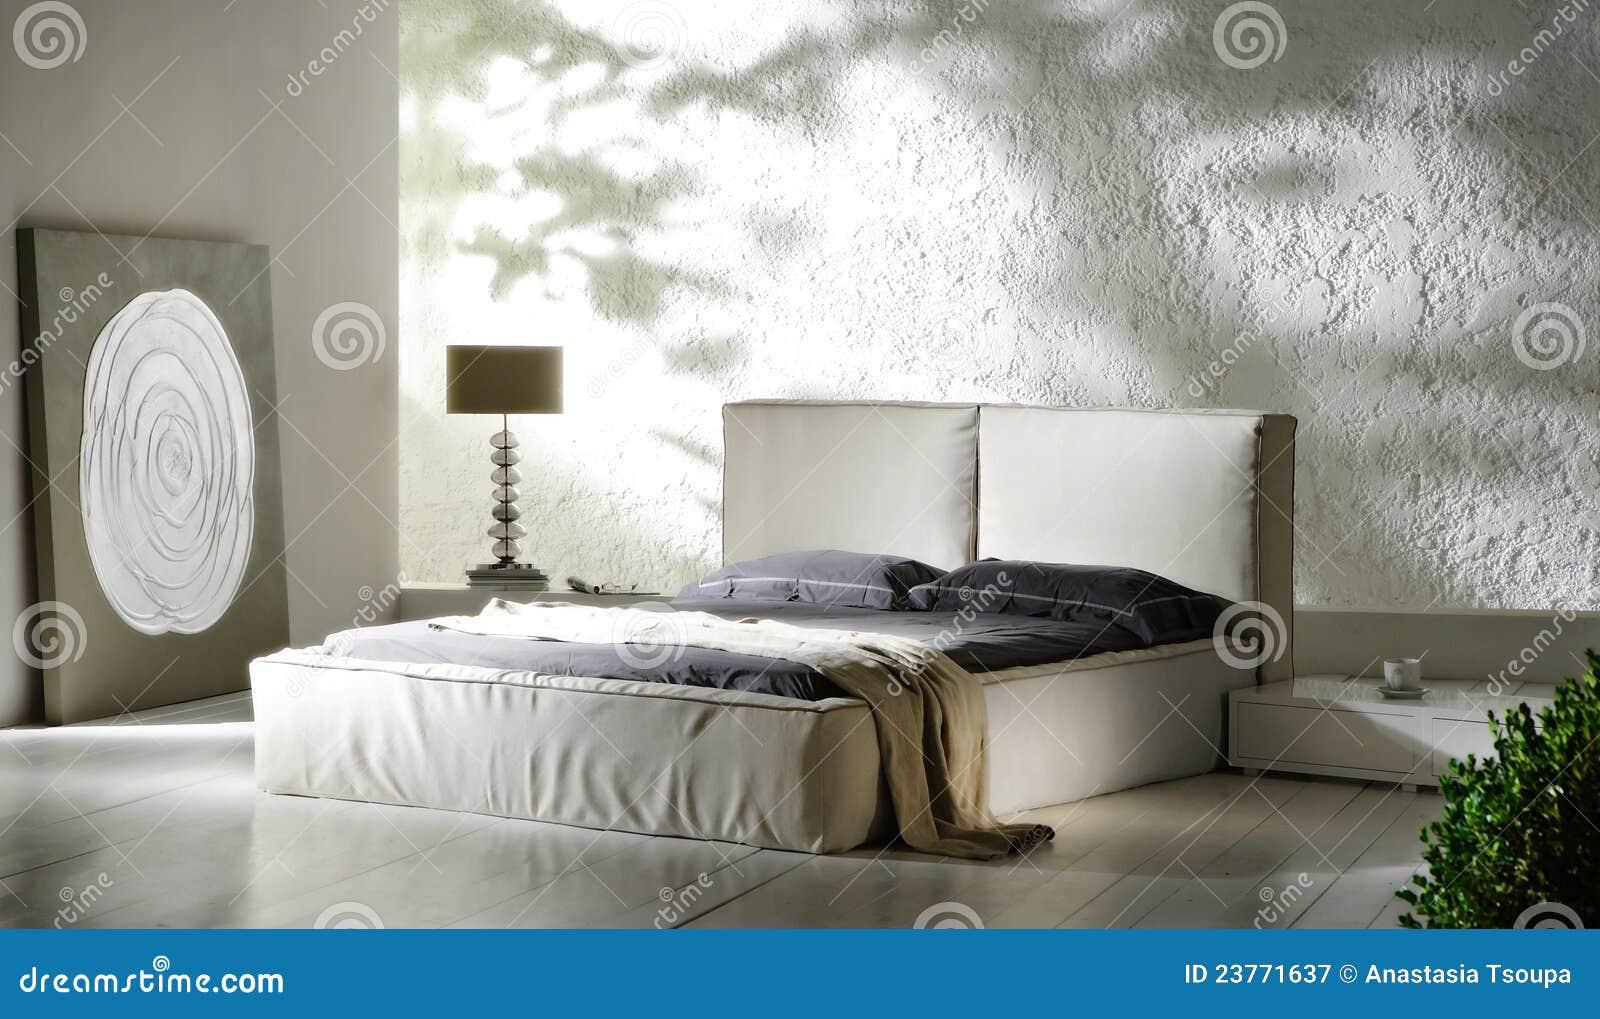 Industriële Slaapkamer Royalty-vrije Stock Fotografie - Afbeelding ...